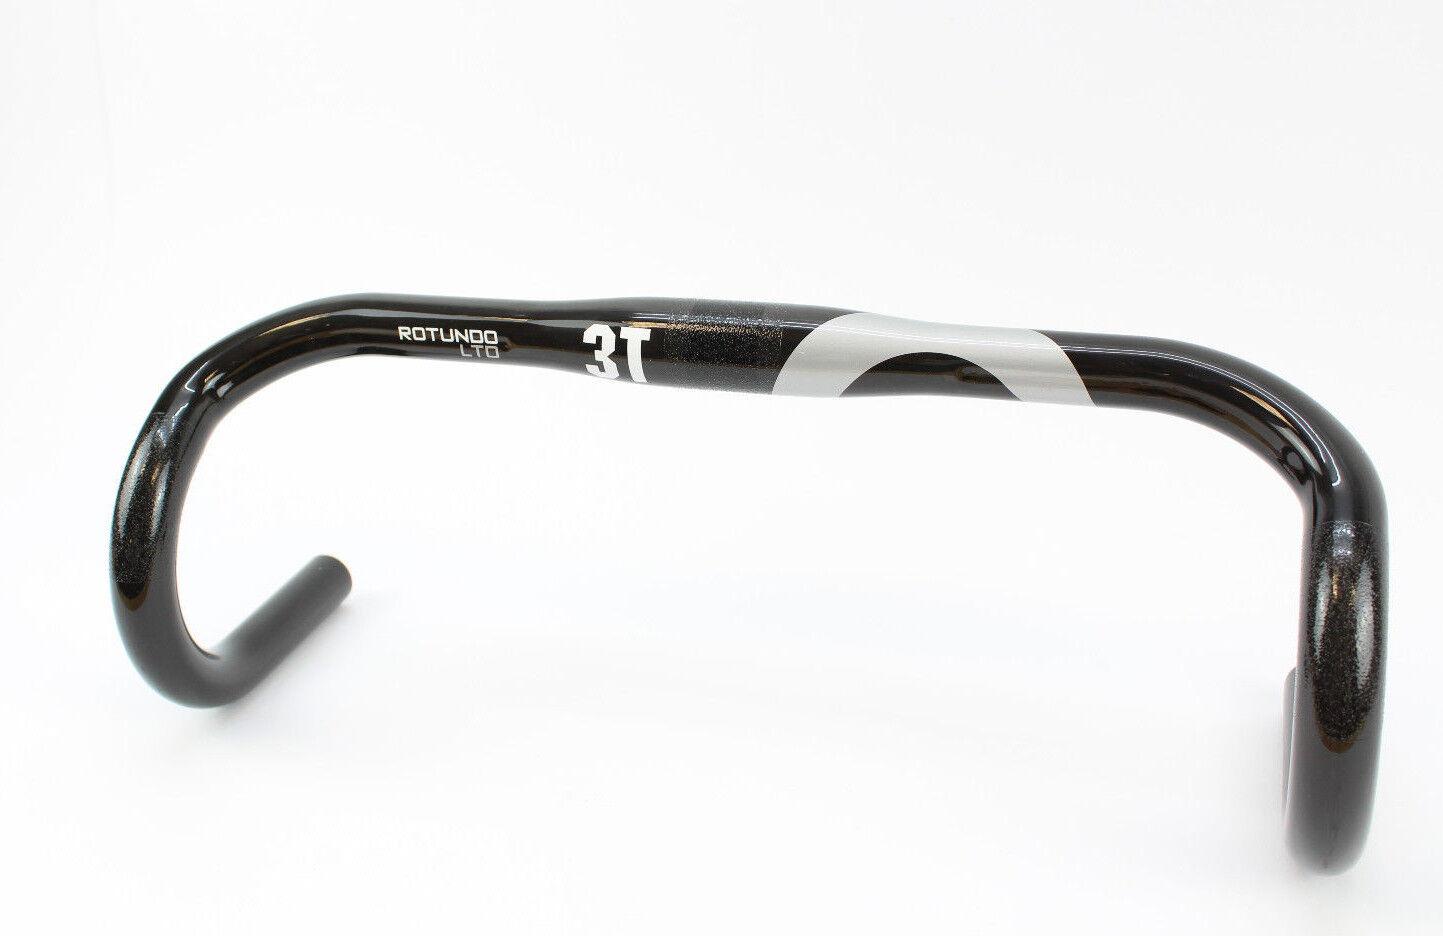 3t rossoundo Ltd 31,8 mm bicicletta da corsa Manubrio  NUOVO  40 CM CARBONIO UD Road Bar Ovp 2018